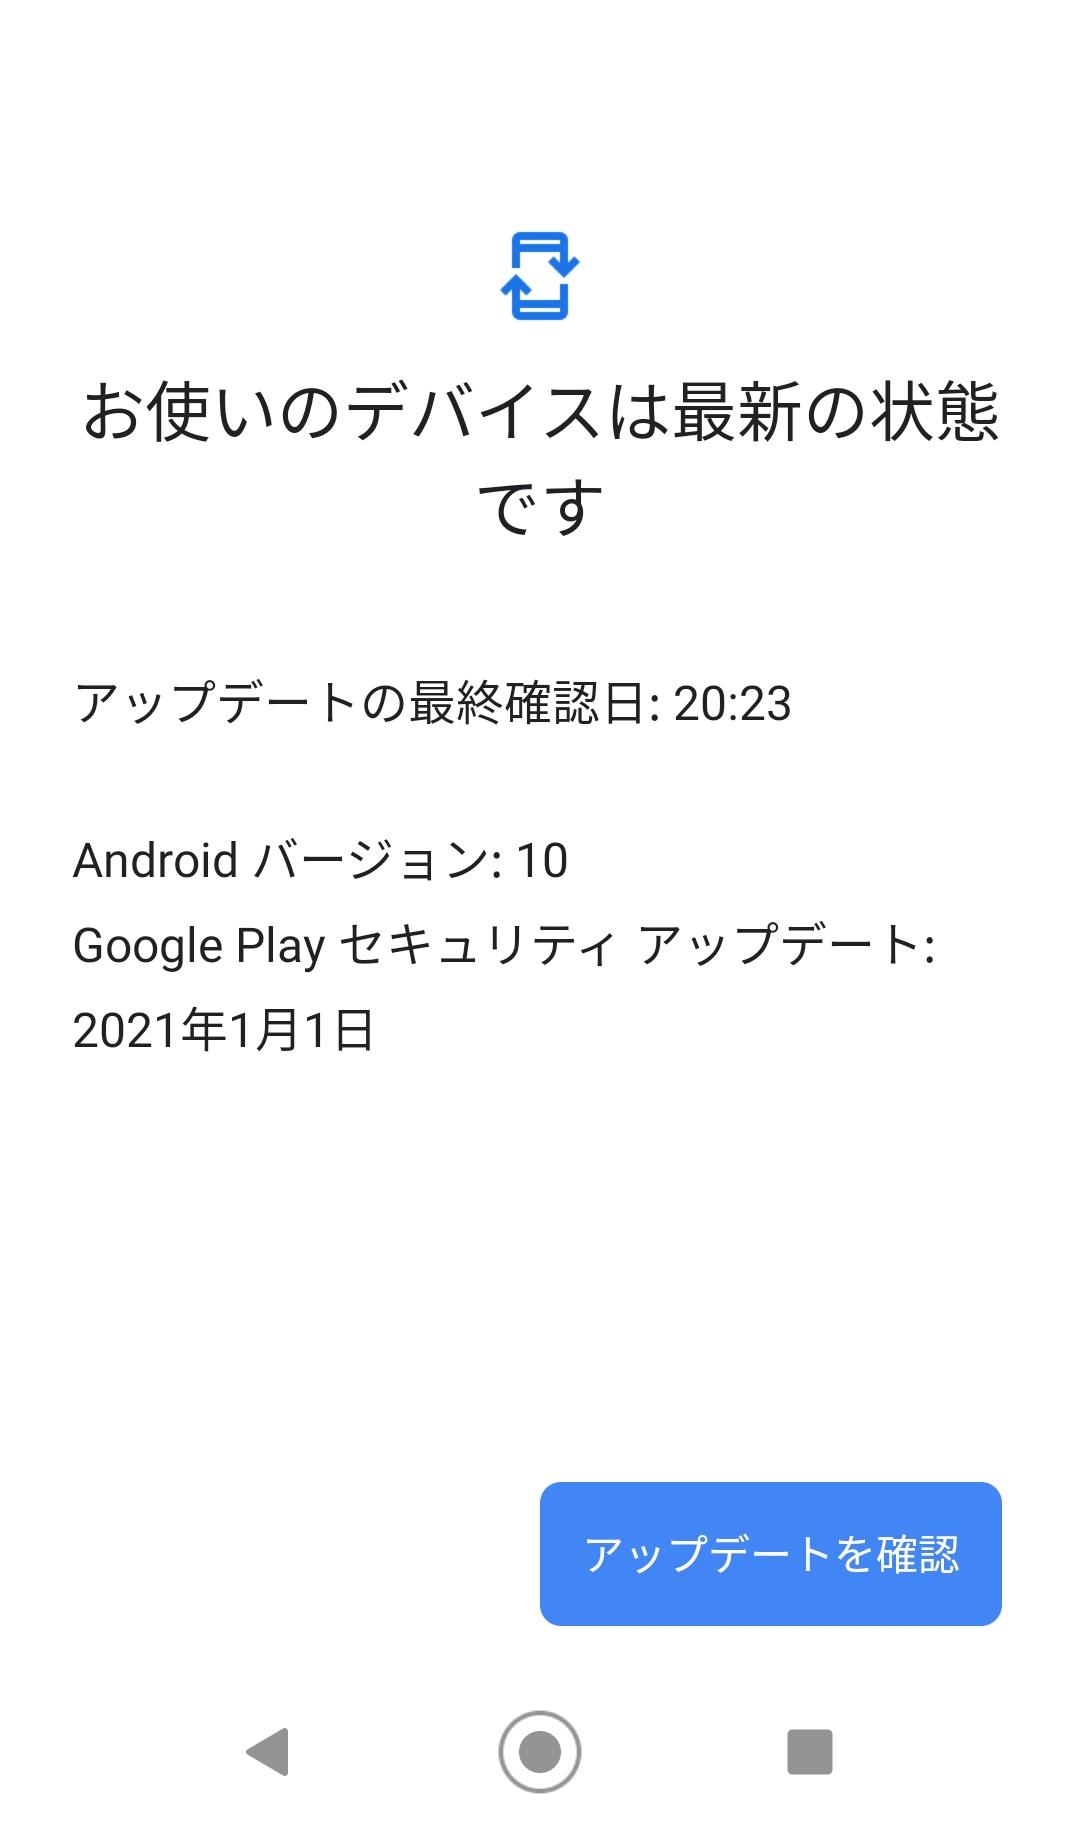 スマホ Android 設定 Google Play システムアップデート お使いのデバイスは最新の状態です 完了